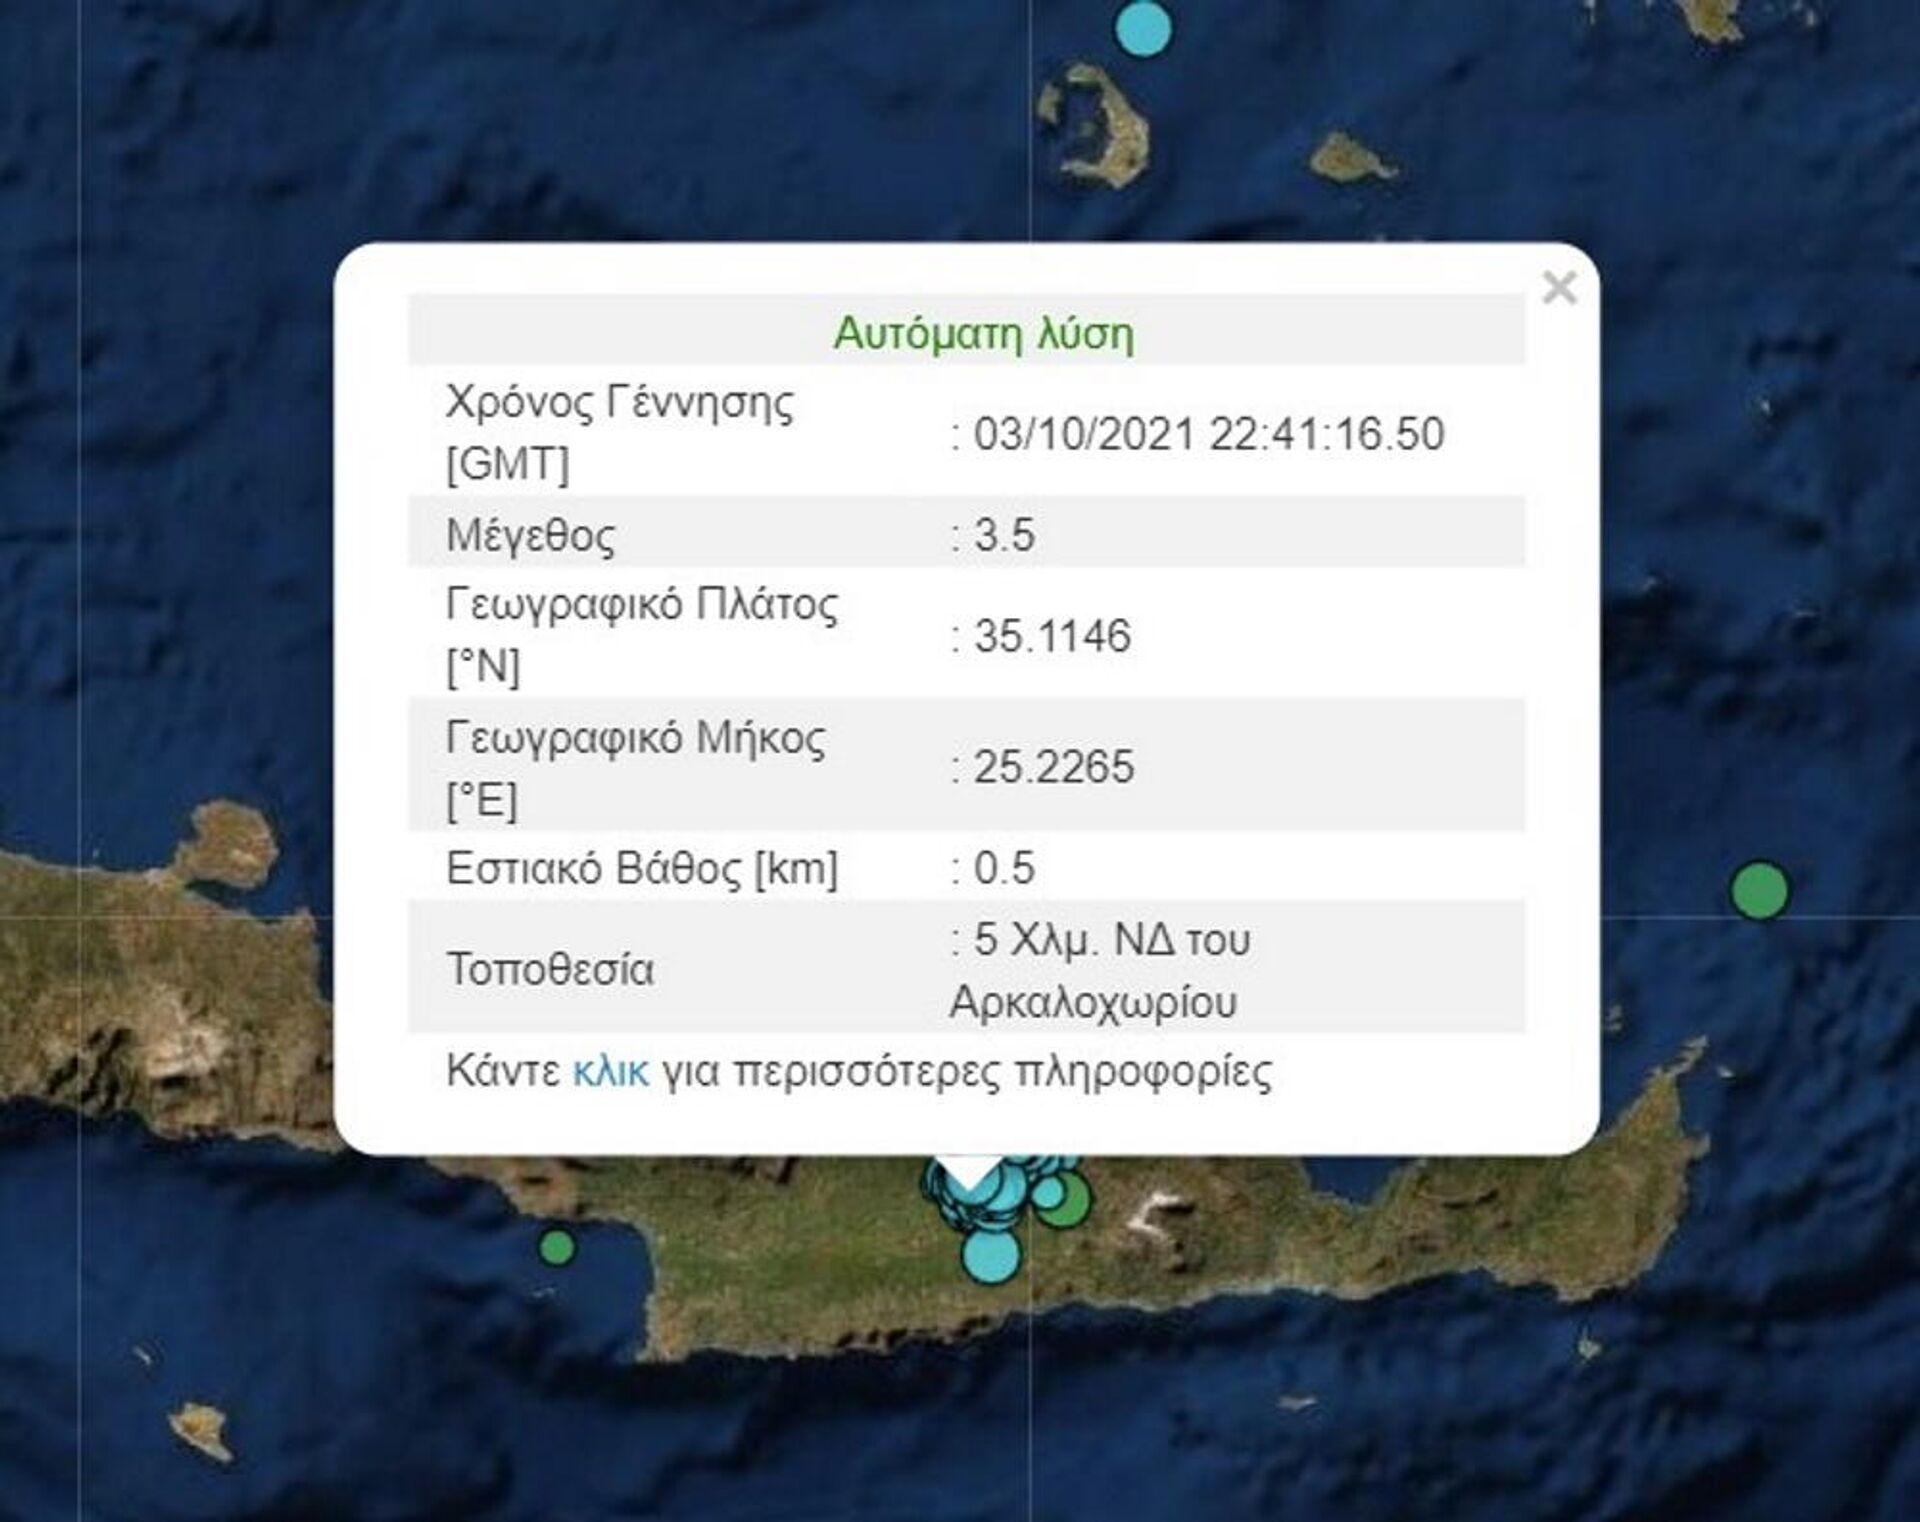 Σεισμός στο Ηράκλειο Κρήτης, 4 Οκτωβρίου 2021 - Sputnik Ελλάδα, 1920, 04.10.2021